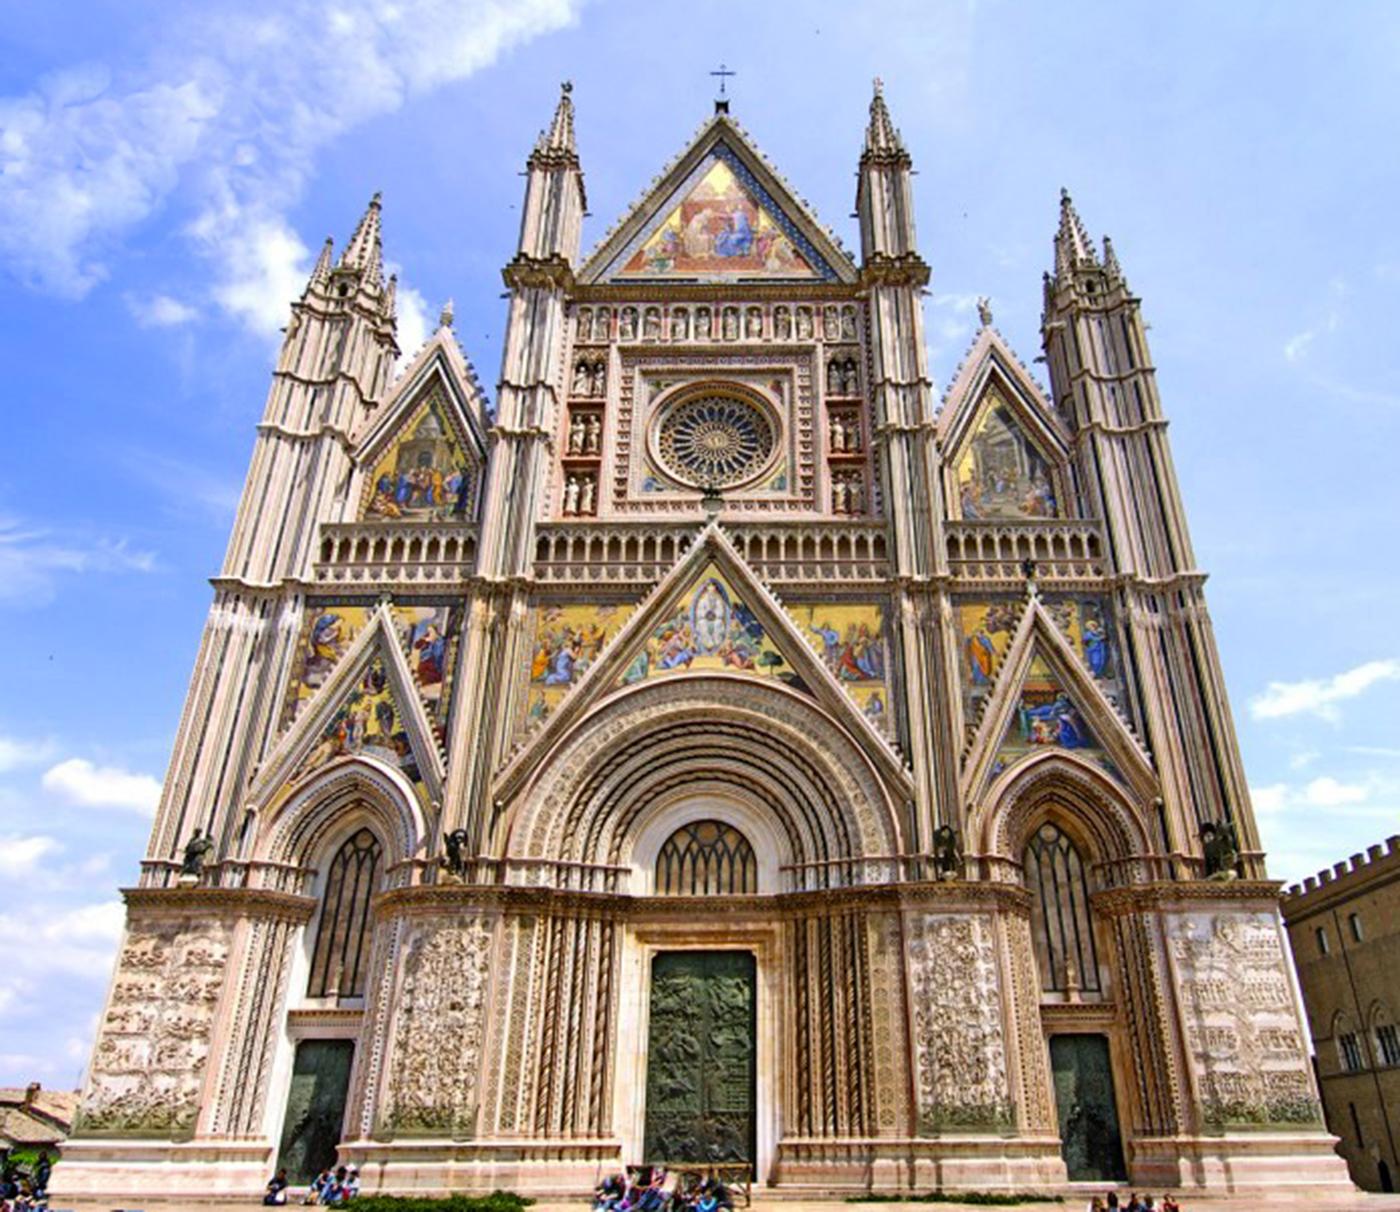 Restauro conservativo al Duomo di Orvieto